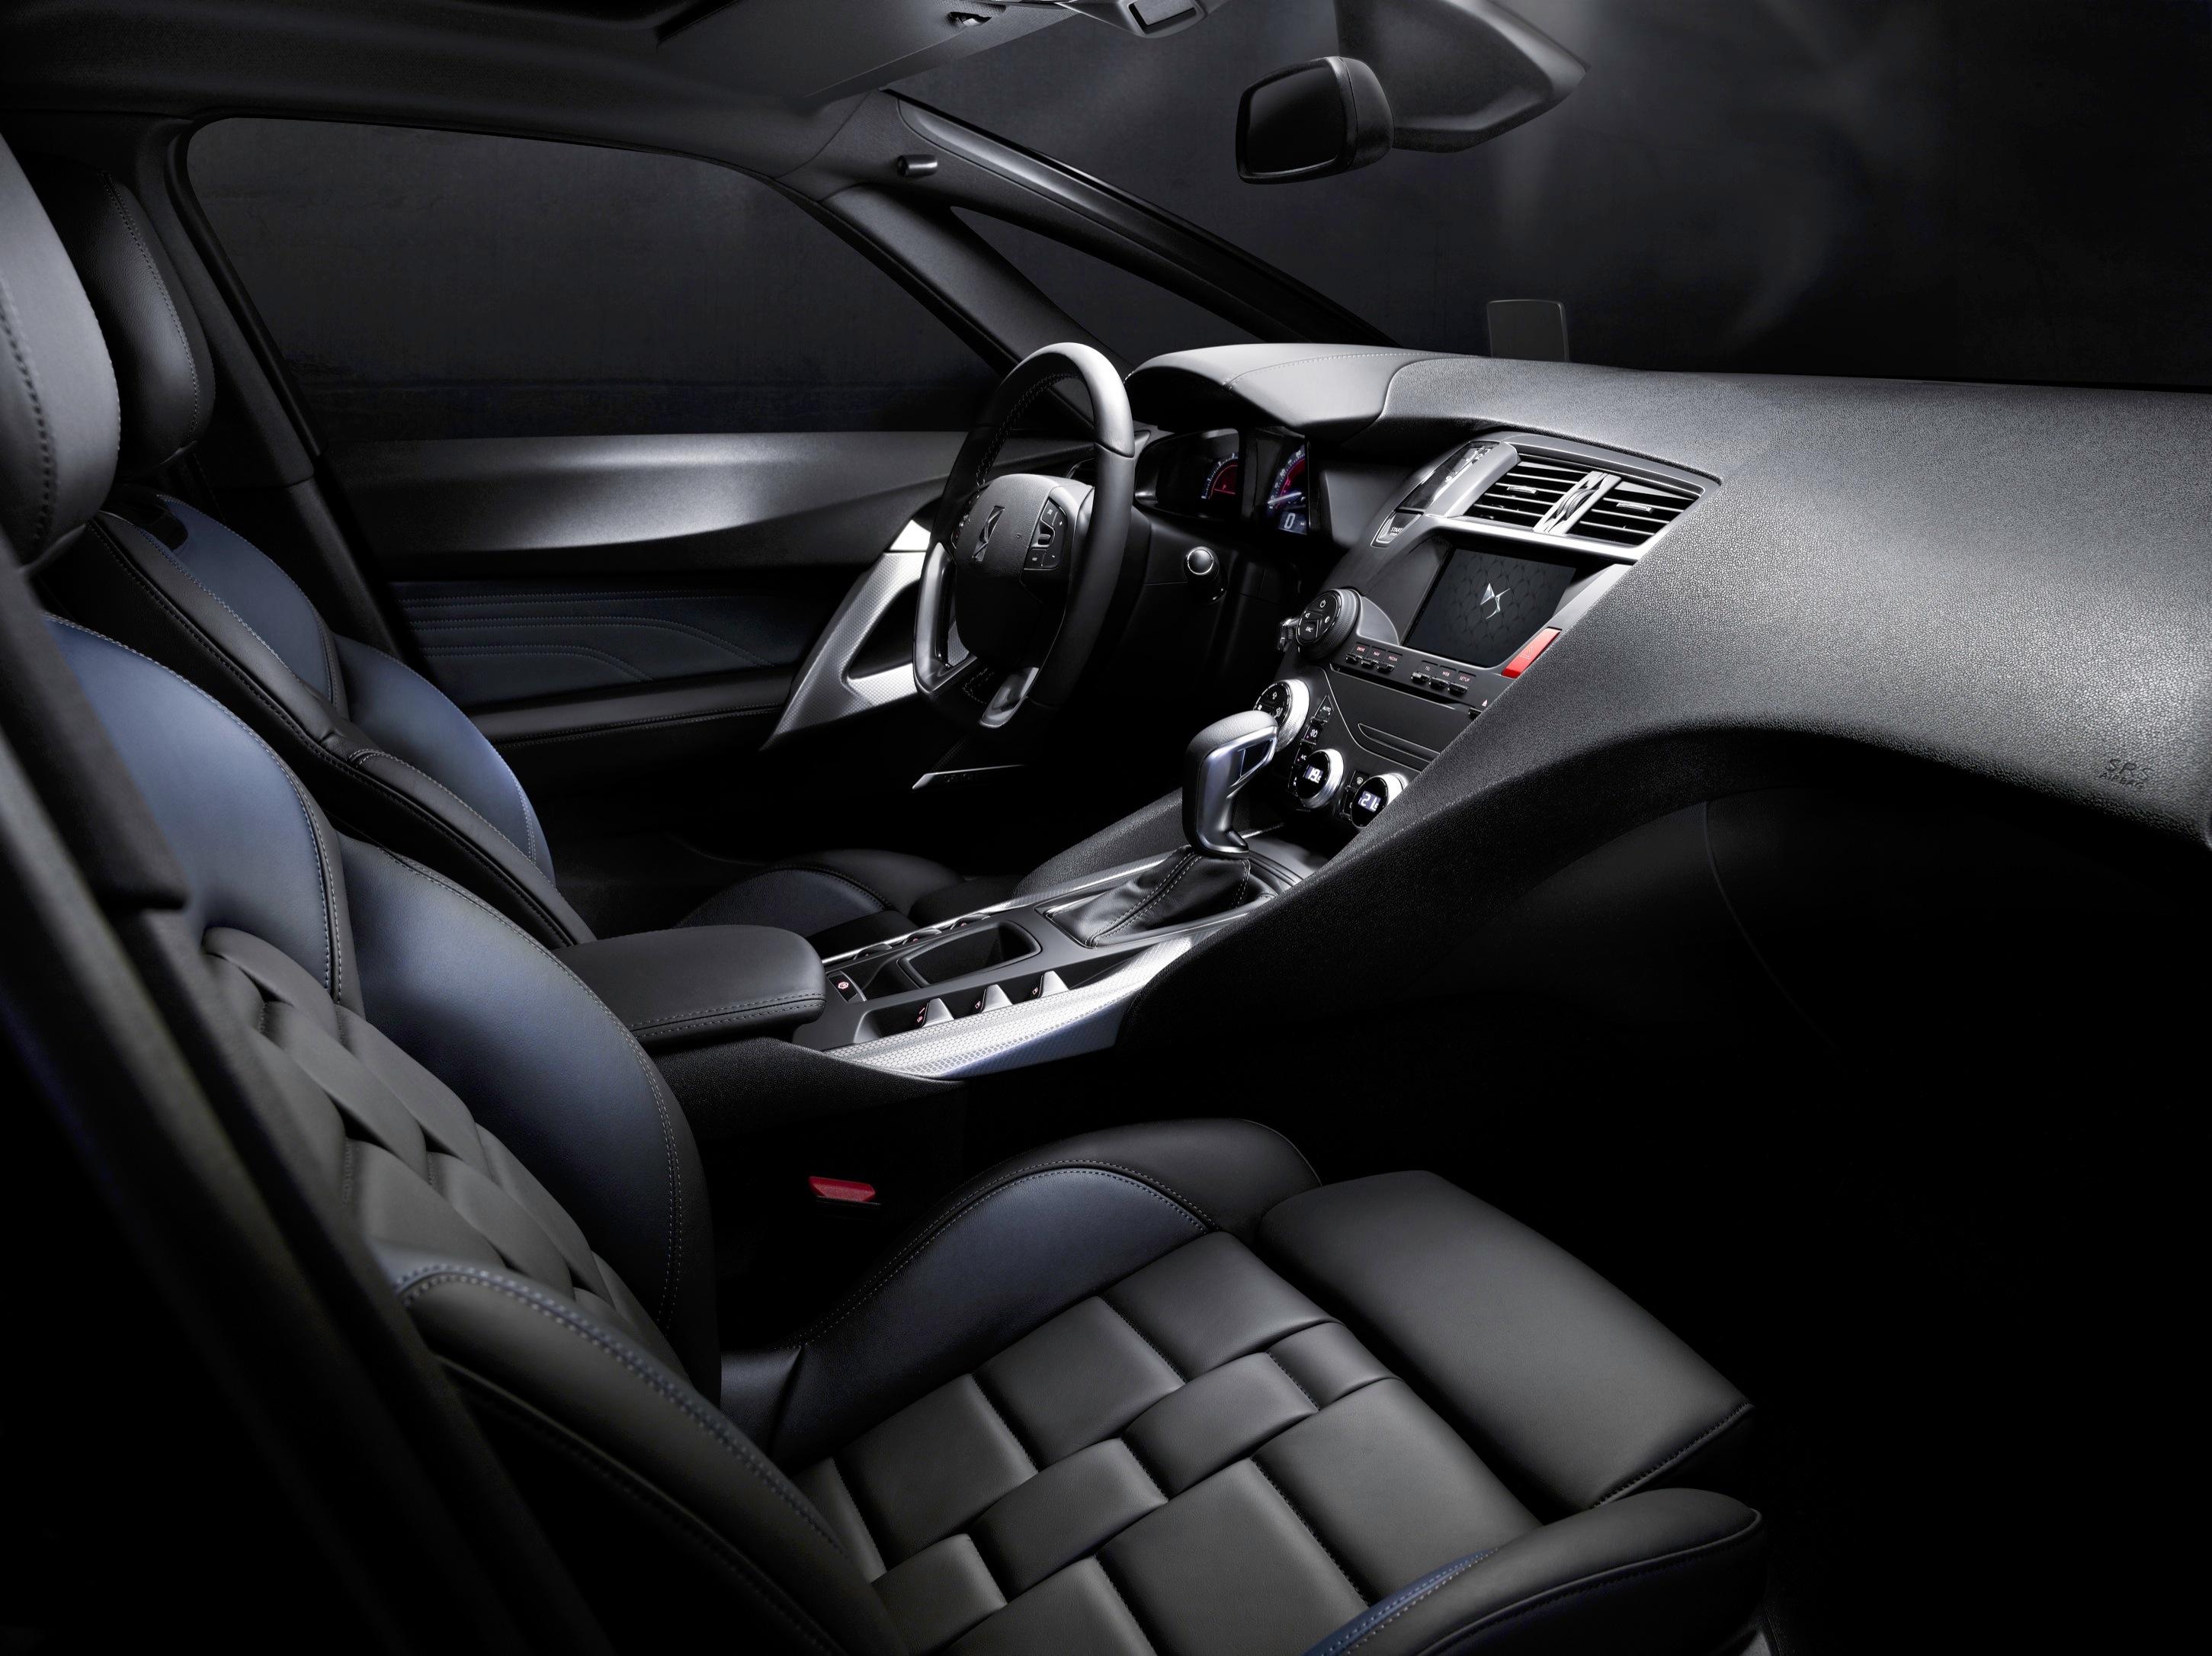 DS 5 intérieur - DS Automobiles